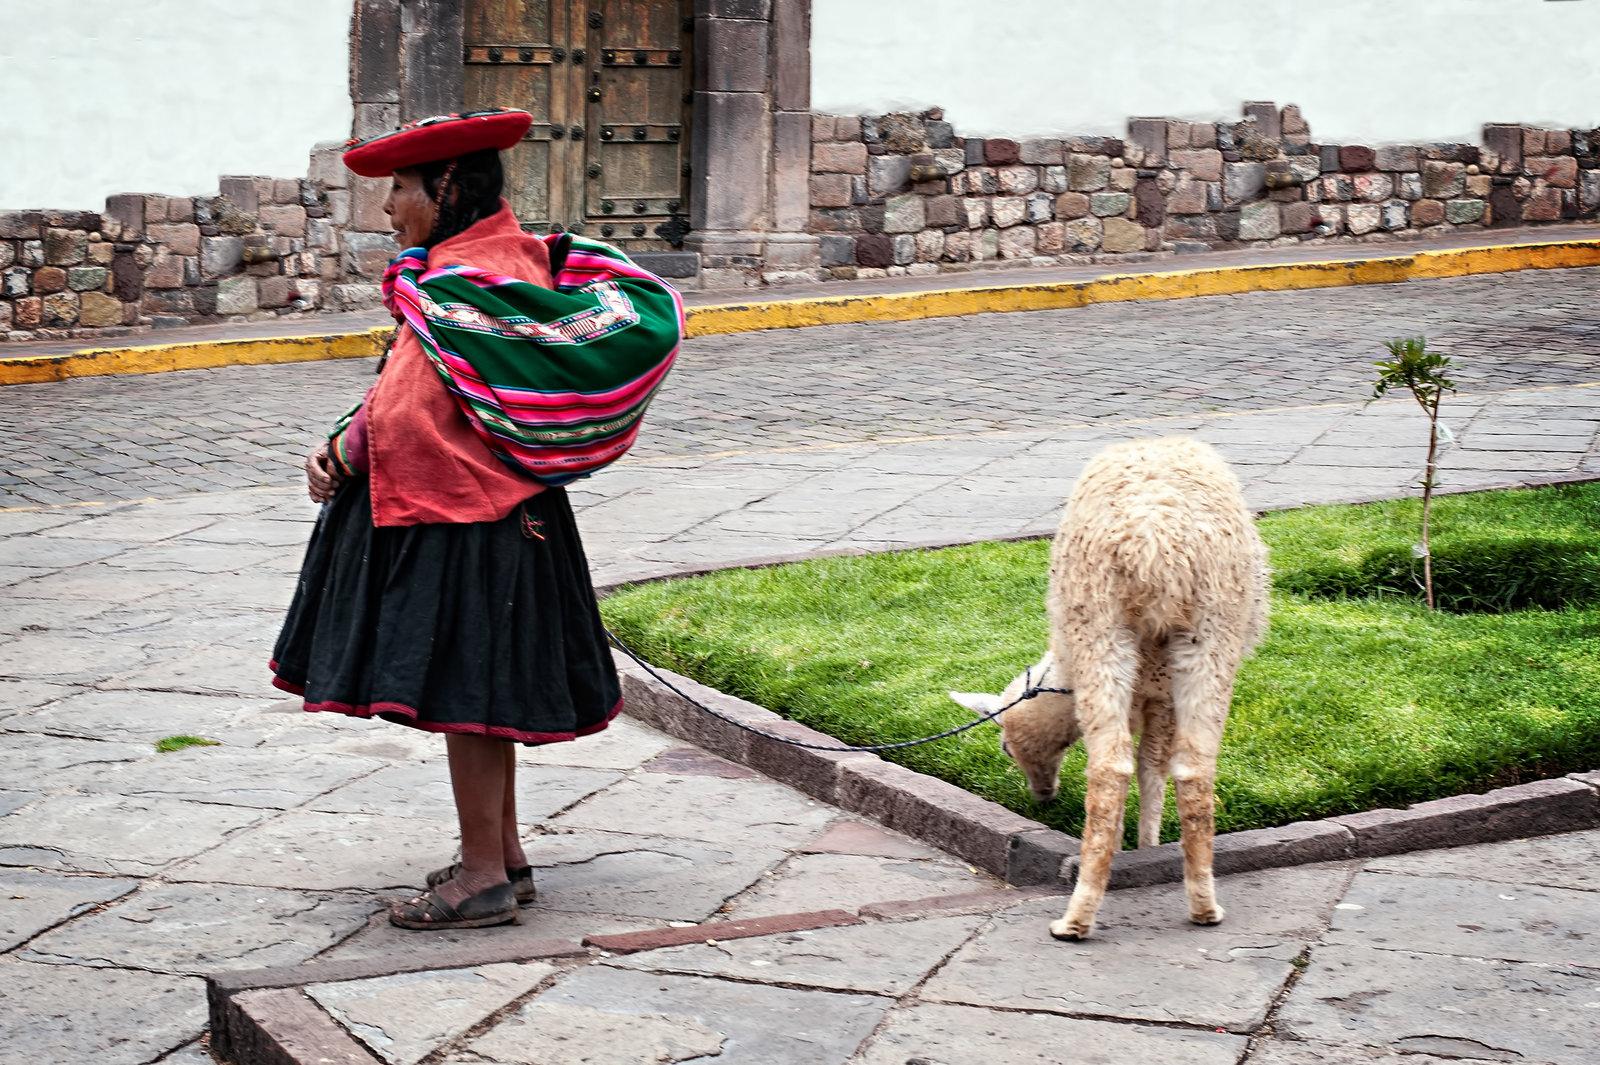 2012_11_17_Cuzco_Peru_FINAL_12